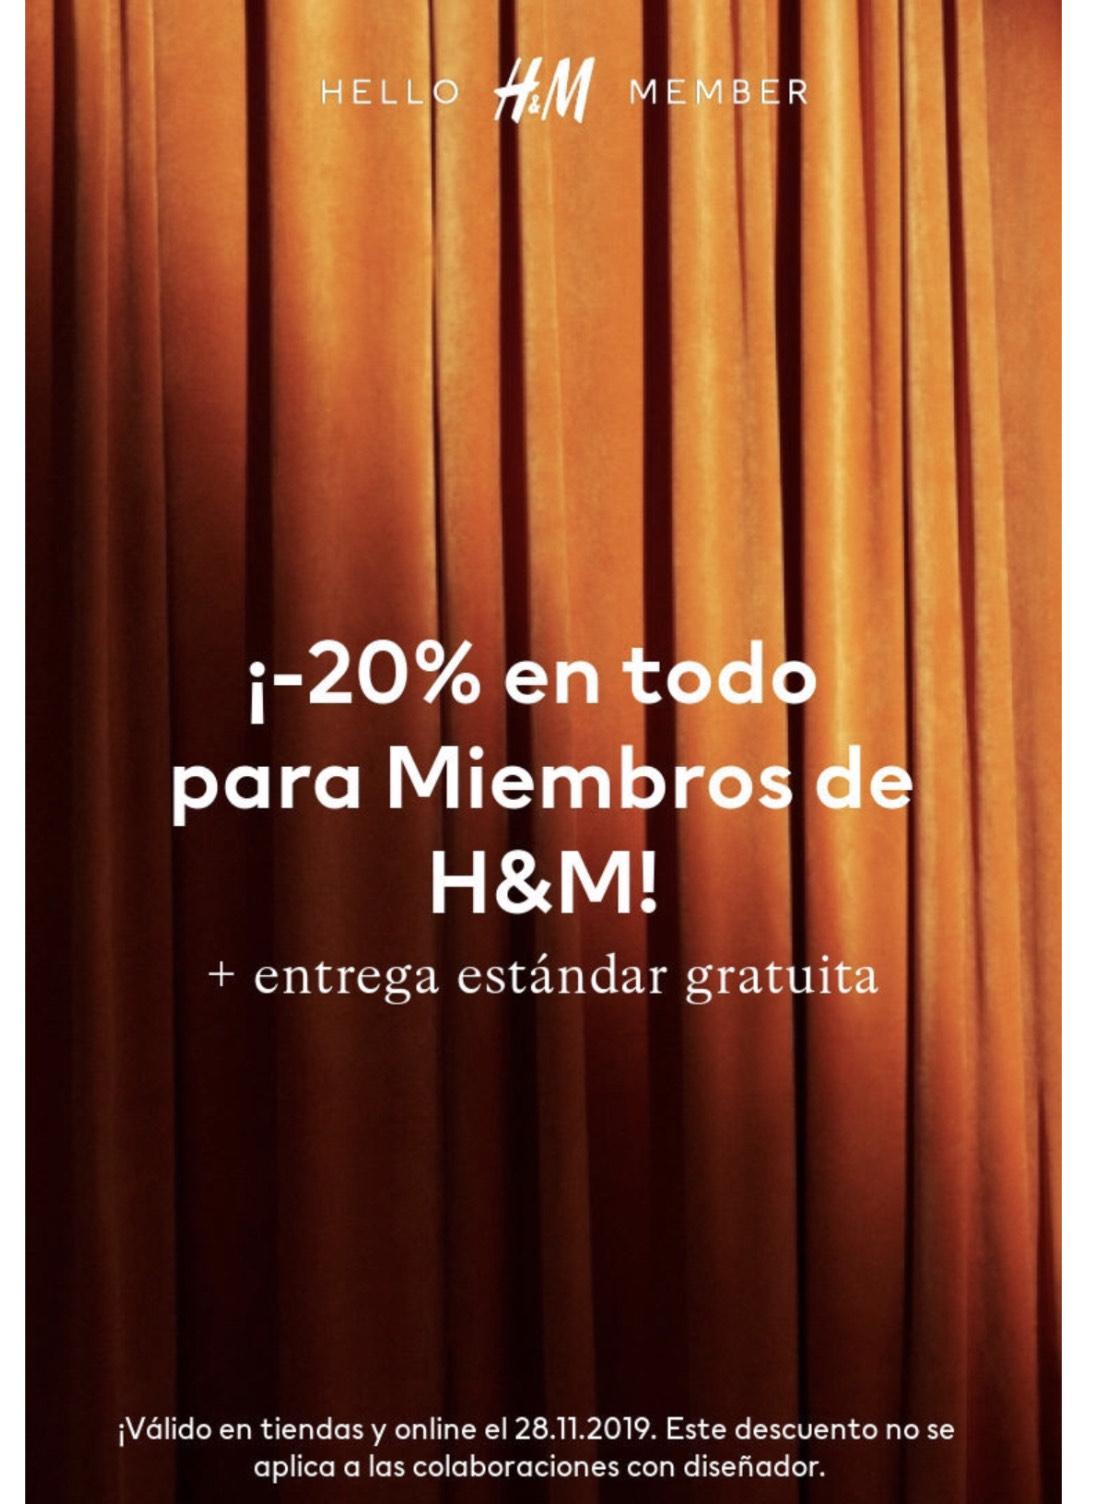 - 20% en todo - El black de H&M empieza hoy para miembros club!